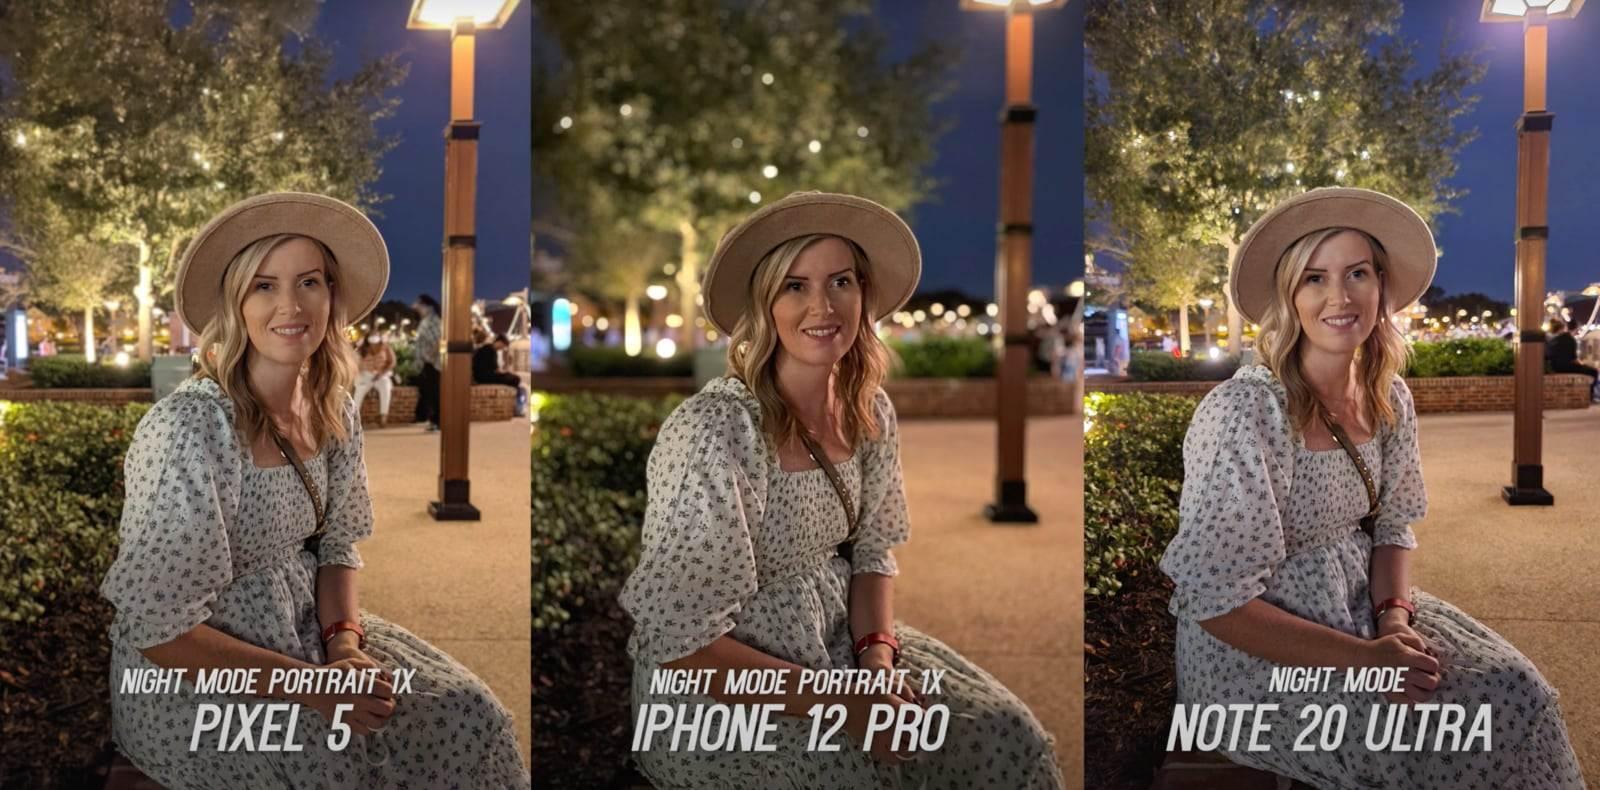 iPhone 12 Pro vs. Pixel 5 vs. Galaxy Note20 Ultra - porównanie zdjęć w trybie nocnym polecane, ciekawostki zdjecia w trybie nocnym, zdjęcia w trybie nocnym, zdjęcia w nocy, zdjęcia nocne, tryb nocny w iPhone 12 Pro, tryb nocny, porównanie zdjęc, jakie zdjęcia robi iPhone 12 Pro, iPhone 12 Pro, iPhone 12 i zdjęcia nocne, Apple  Porównań i testów iPhone 12 Pro ciąg dalszy. Dziś chcemy Wam przedstawić test aparatu najnowszego smartfona Apple, a dokładniej trybu nocnego. iphone12propixel5note20ultra6